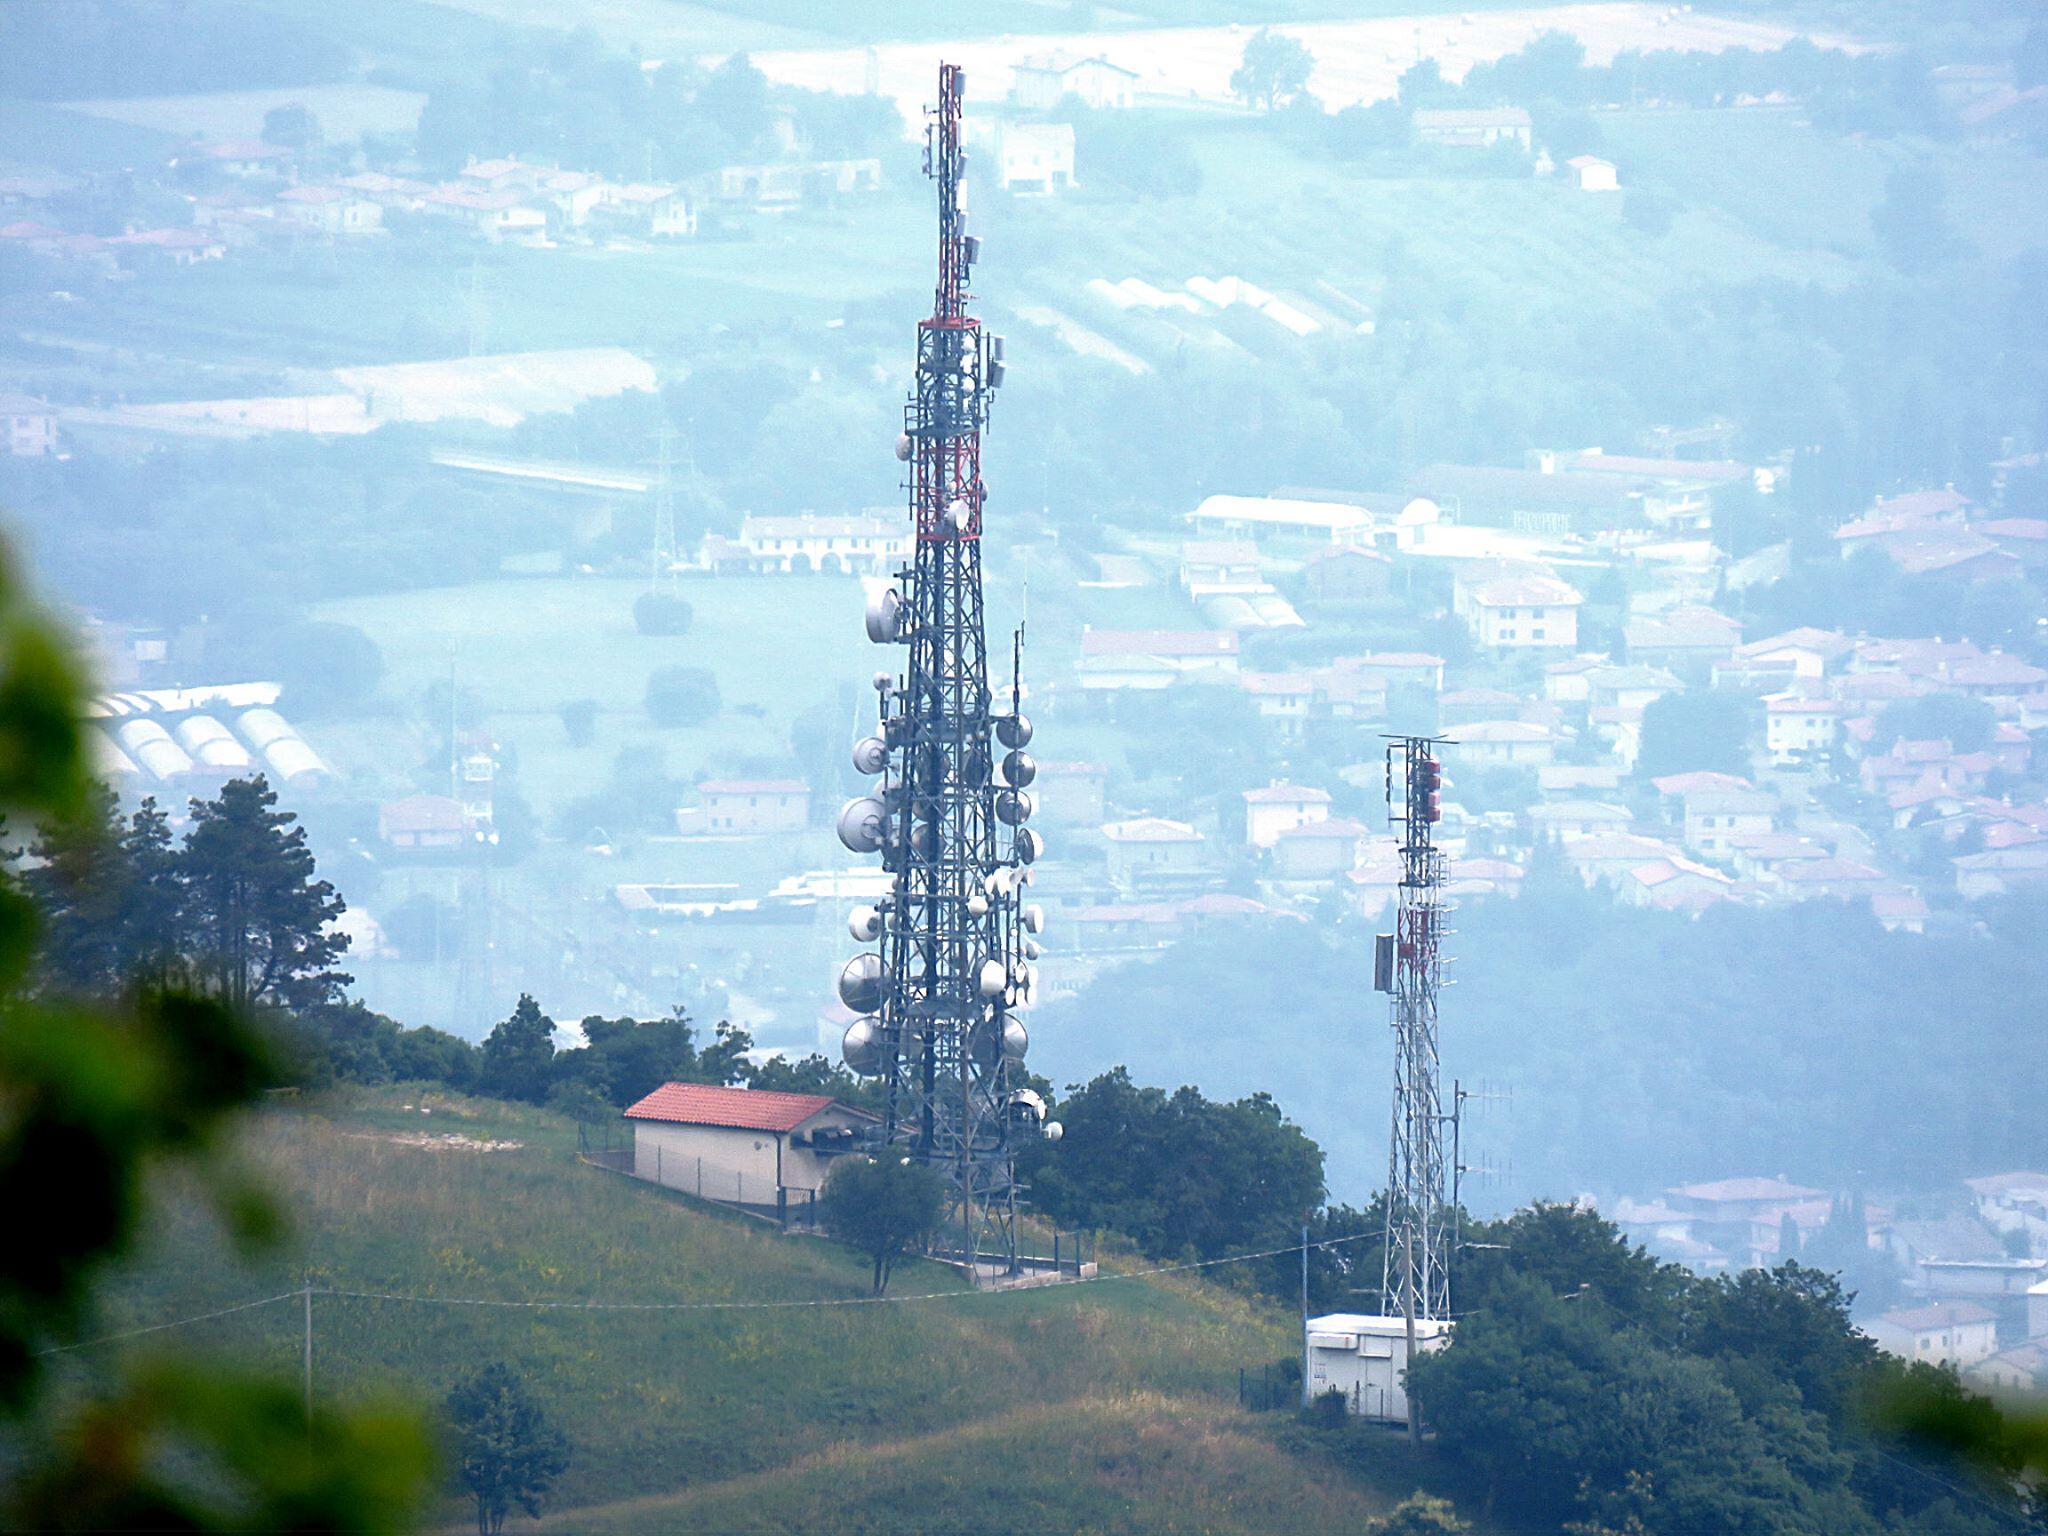 antenne UHF e FM vari tralicci 2 - DTT. Esame di merito delle sentenze della Corte di Giustizia Europea sui casi Europa 7 e Rete A (Persidera)